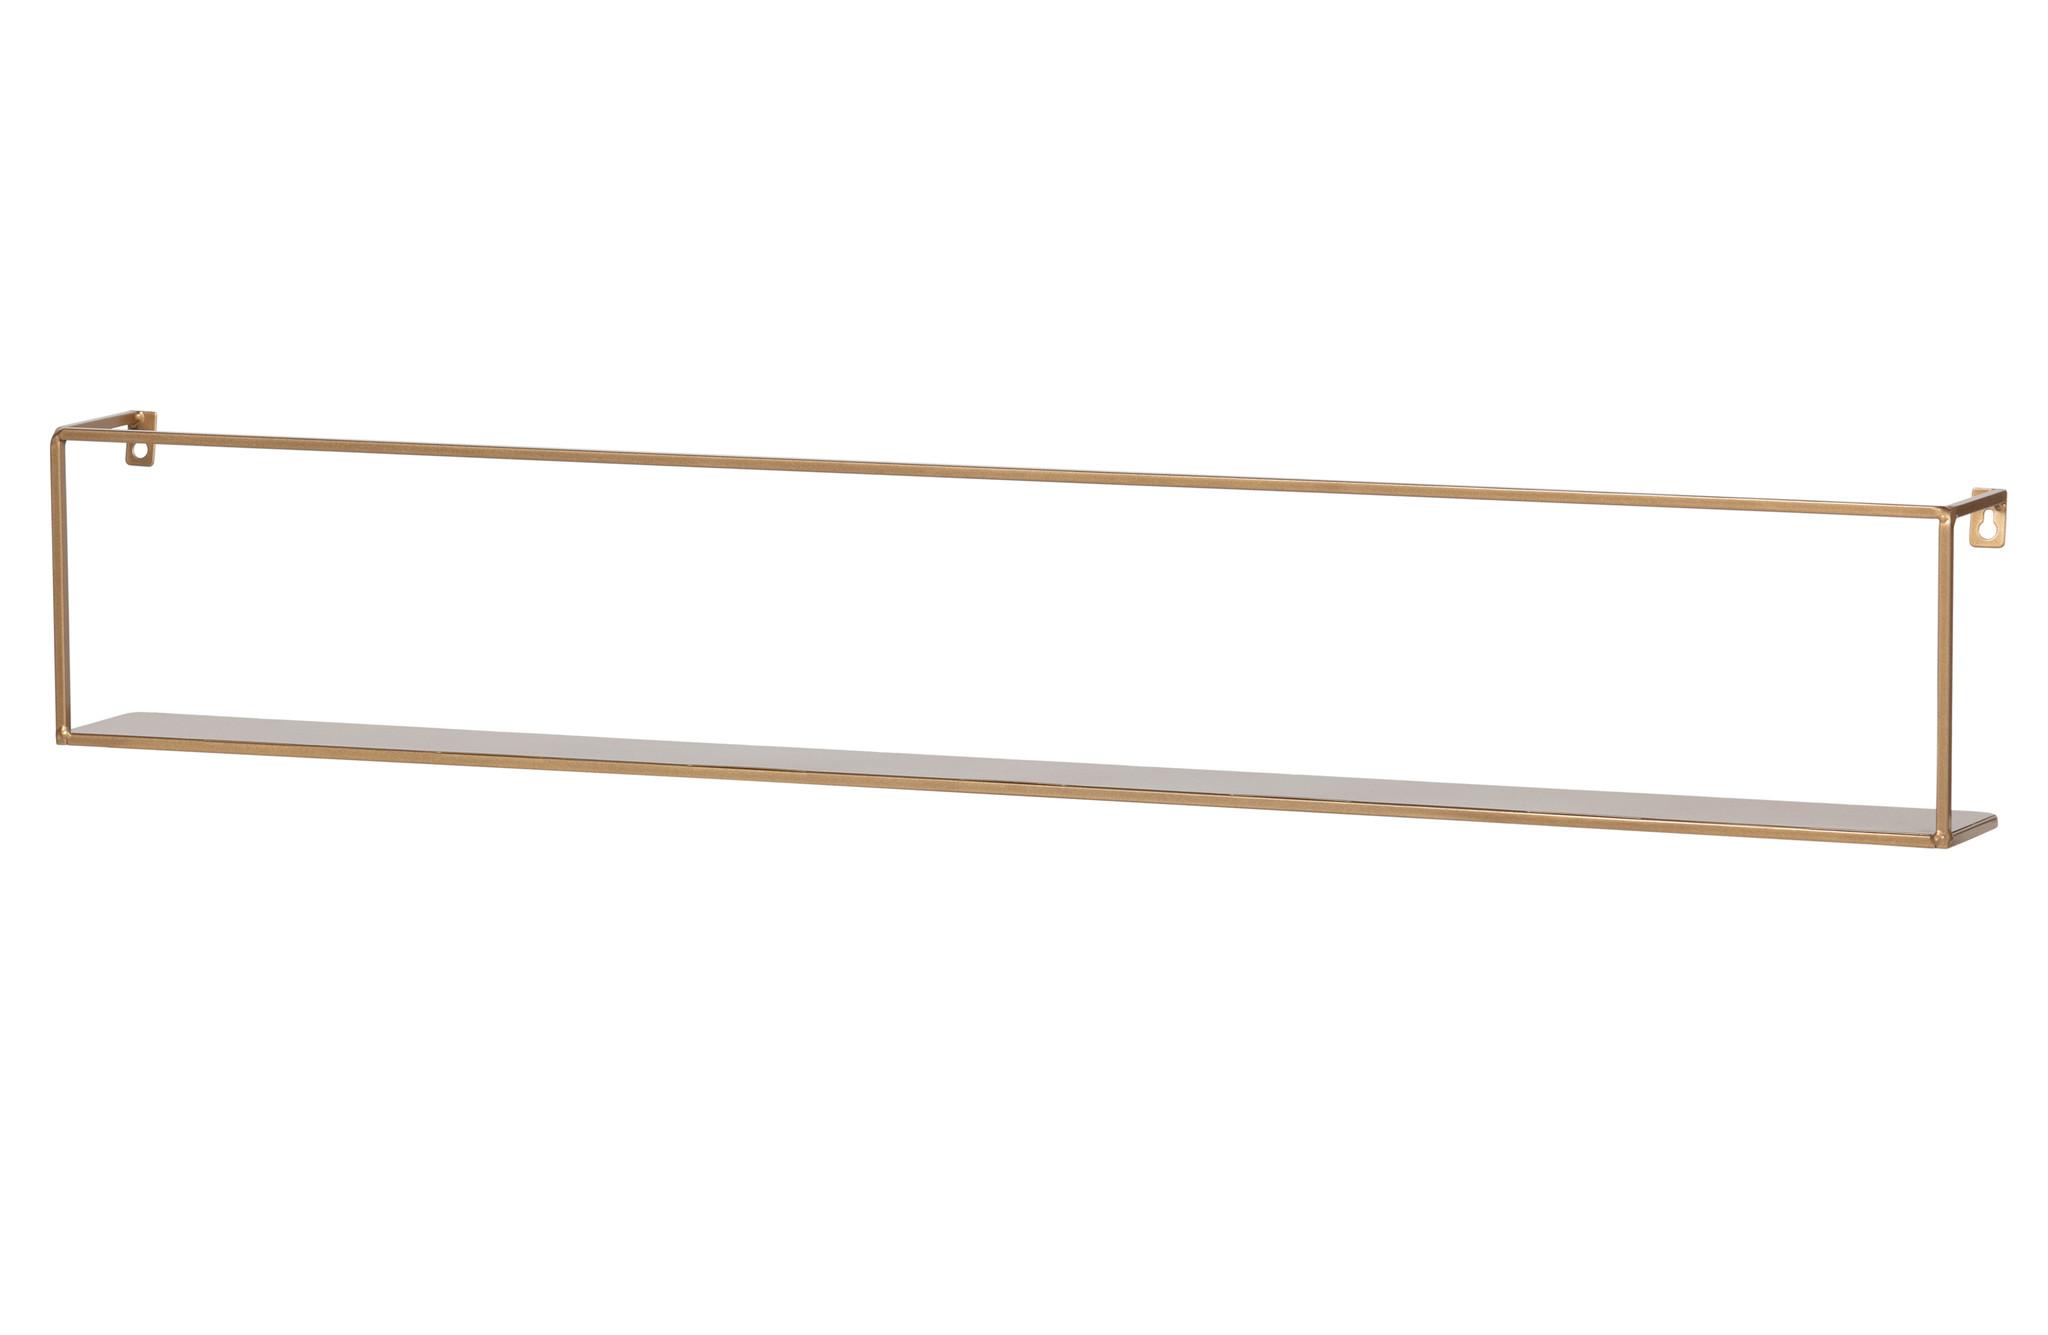 Woood wandplank Meert, goud, 100 cm